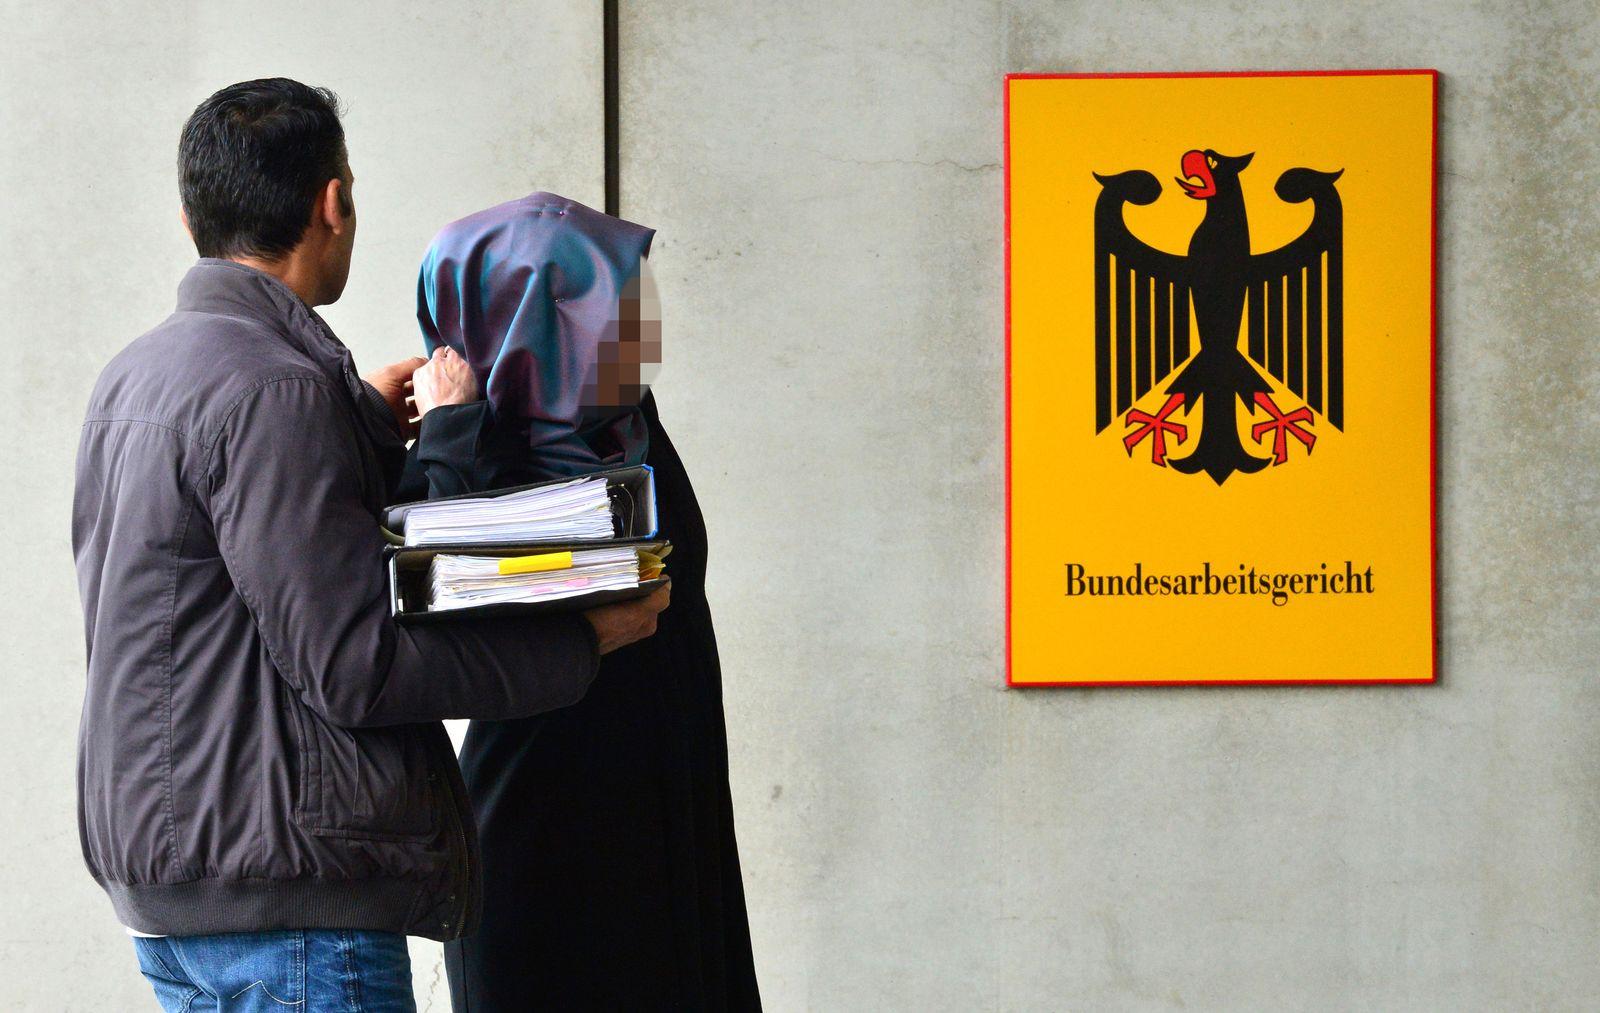 Bundesarbeitsgericht/ Kopftuch